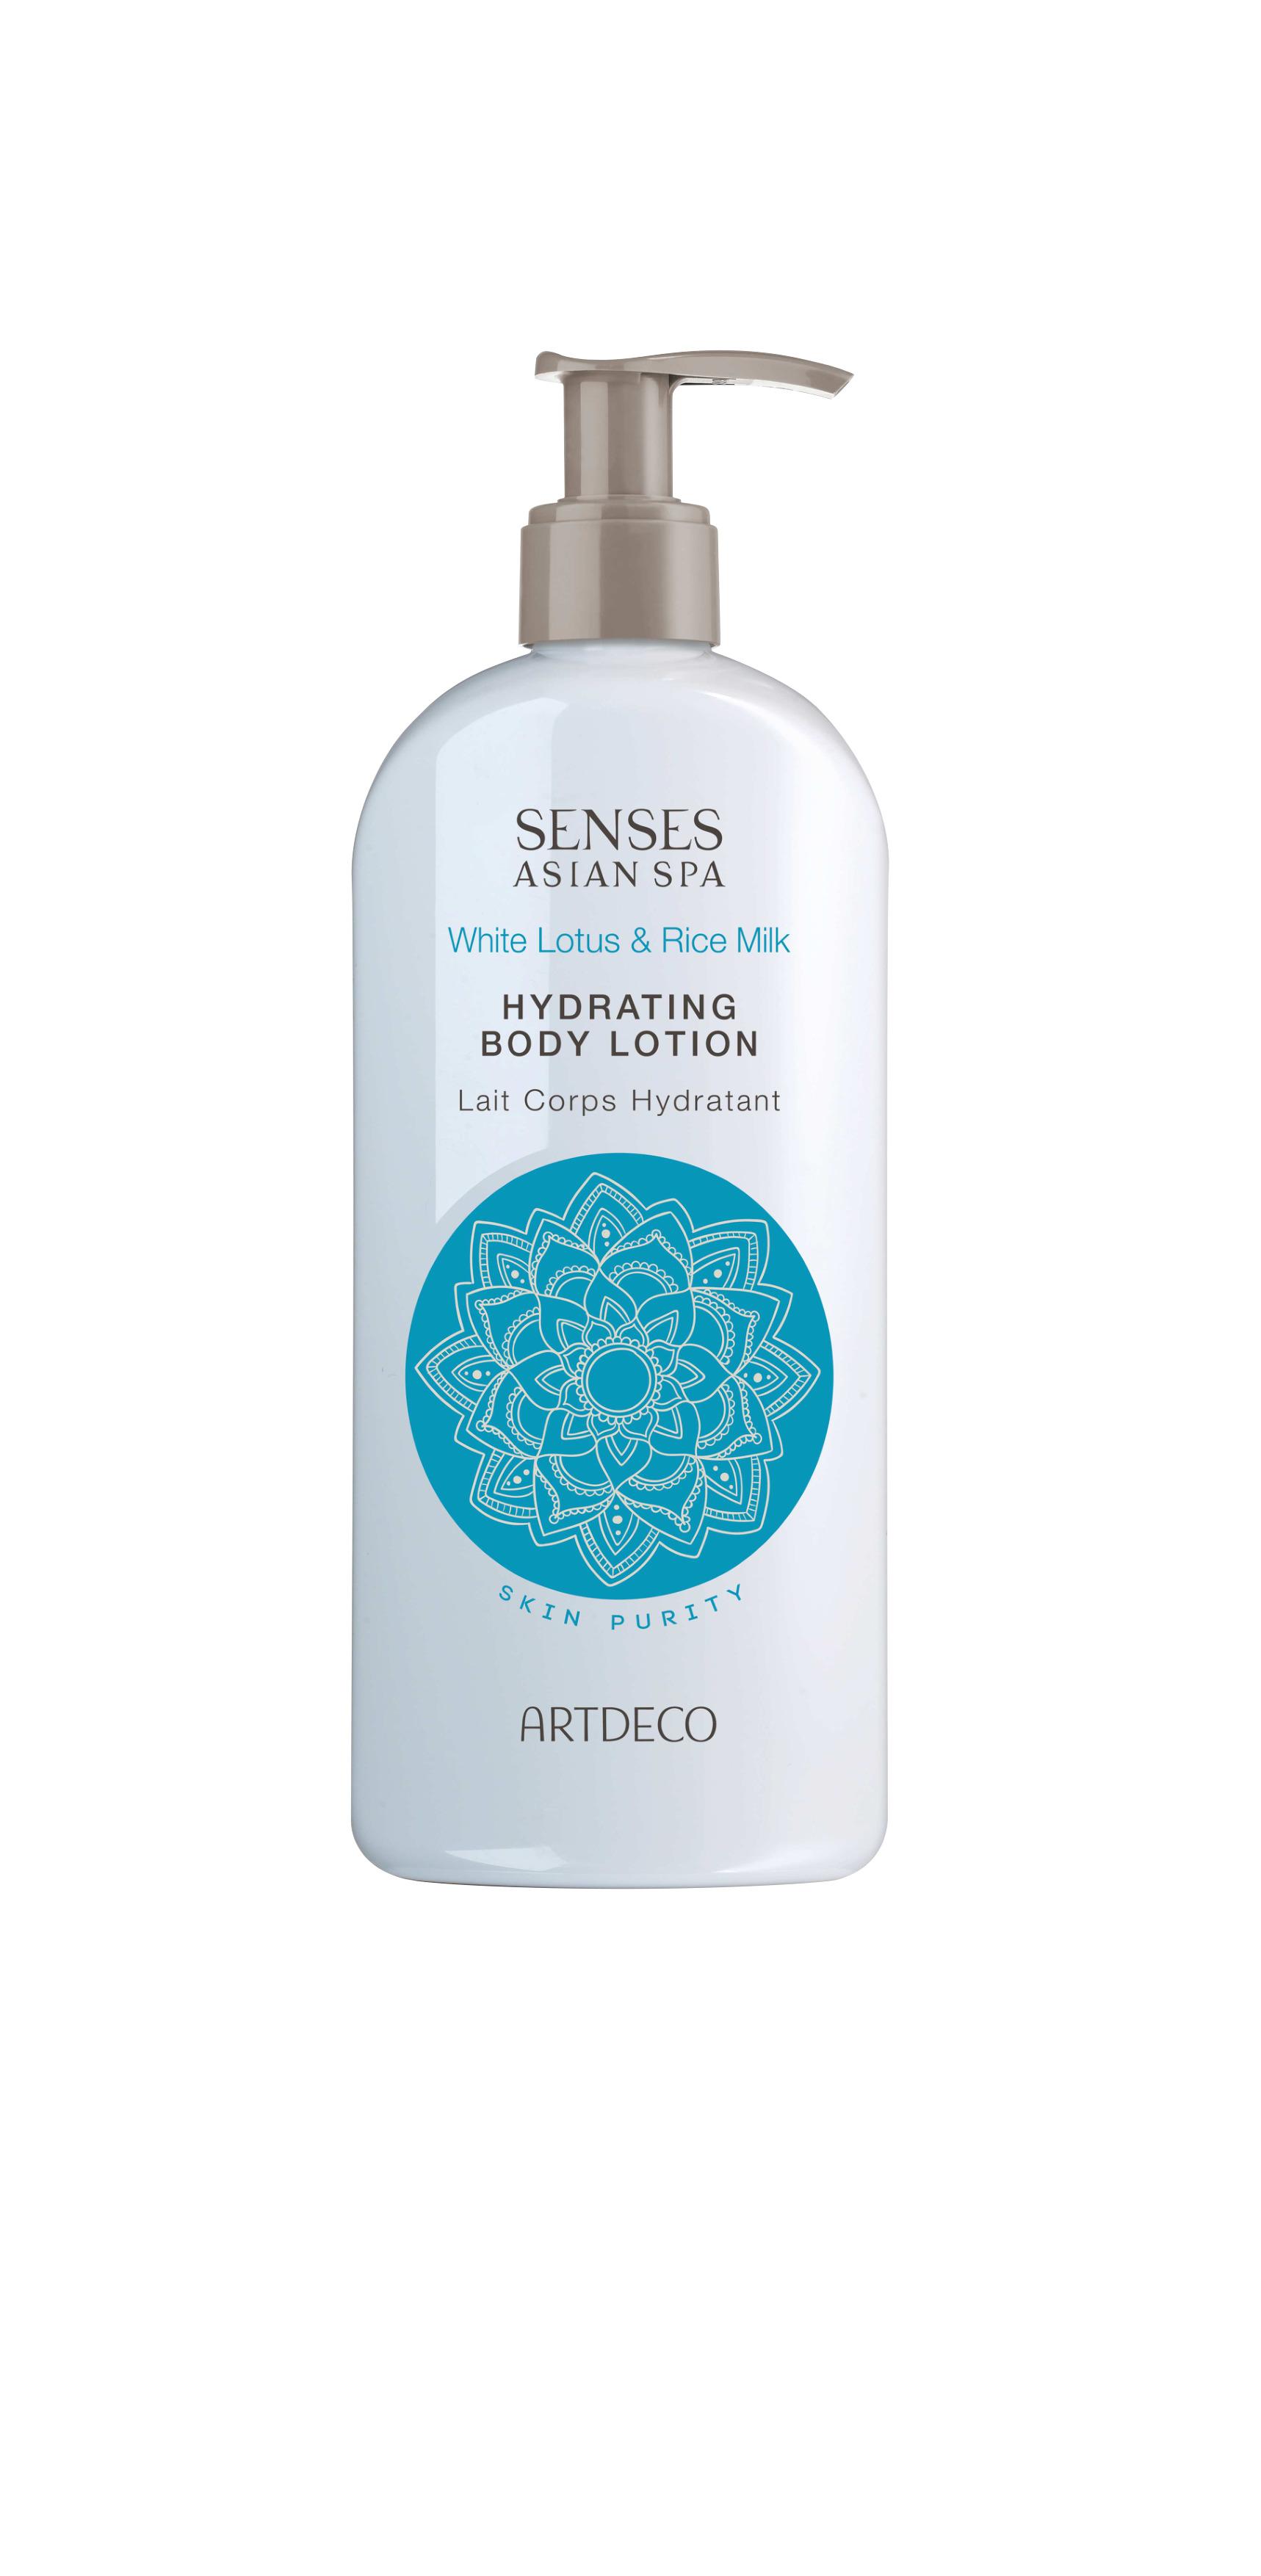 Artdeco лосьон для тела увлажняющий Hydrating body lotion, skin purity, 200 мл65402.3Легкая, быстро впитывающаяся текстура Увлажняет кожу Дарит ощущение свежести